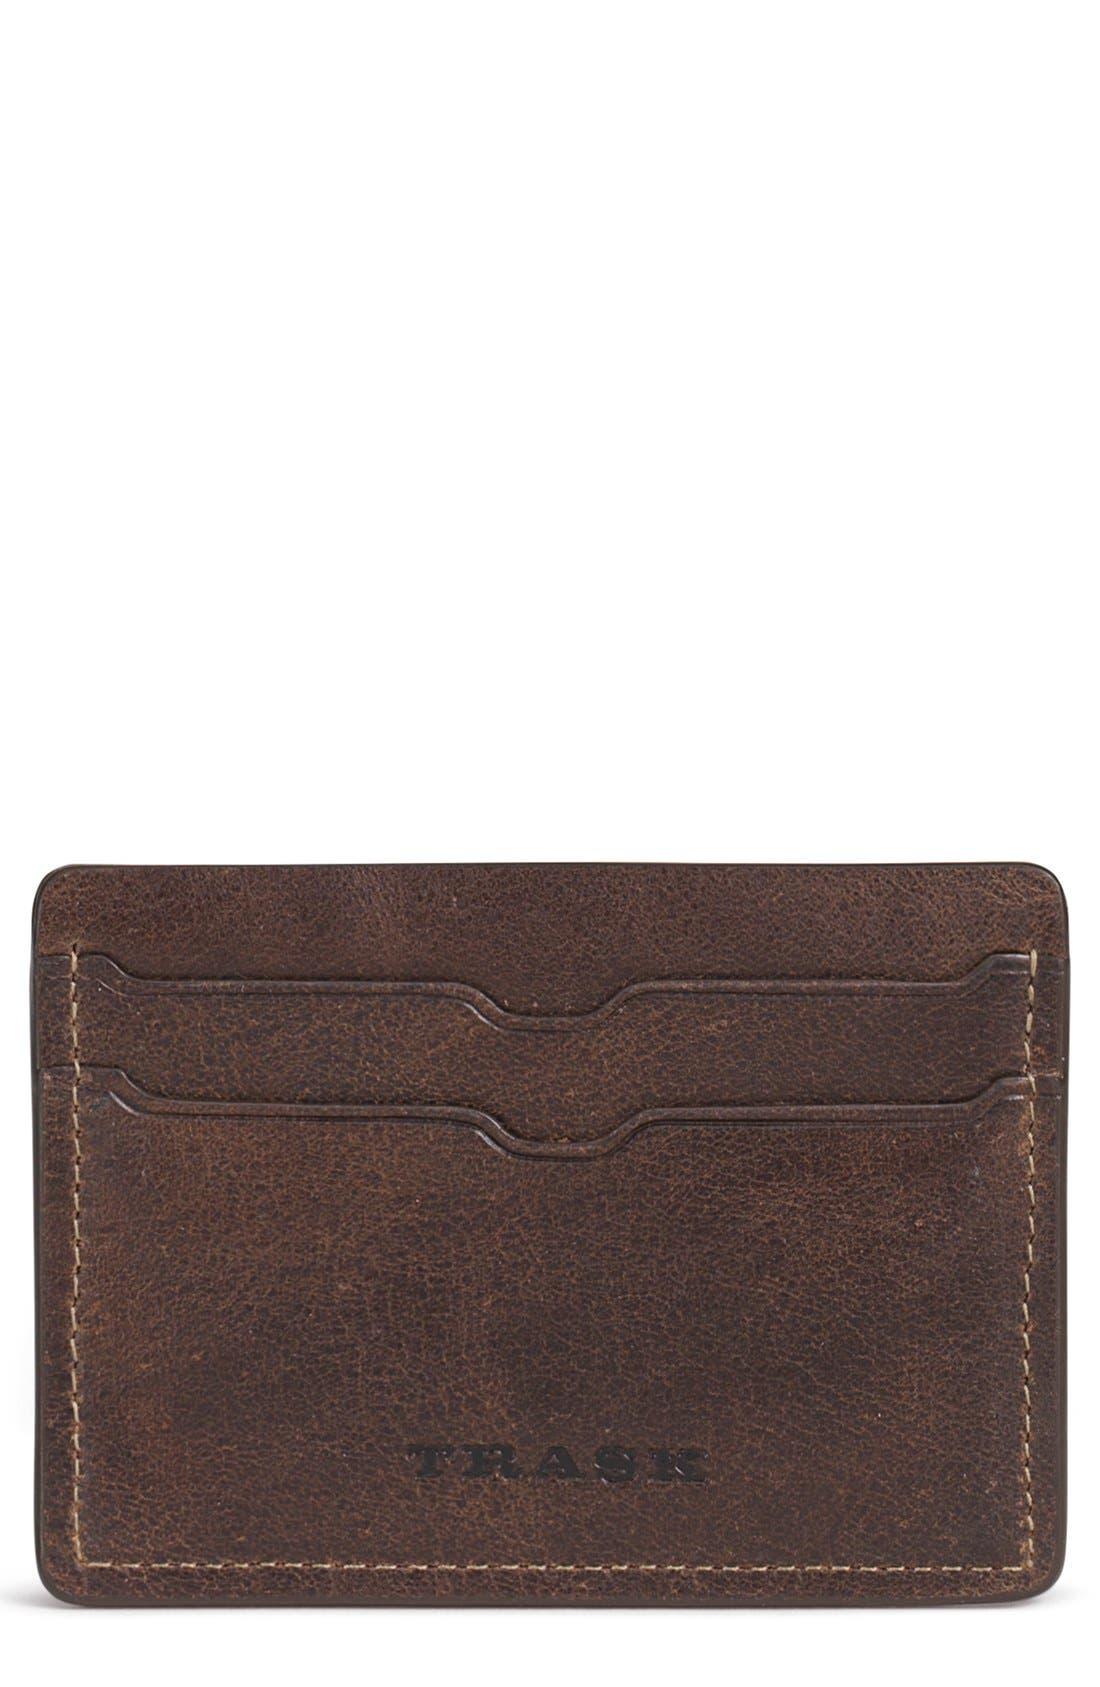 'Jackson' Bison Leather Card Case,                             Main thumbnail 1, color,                             212